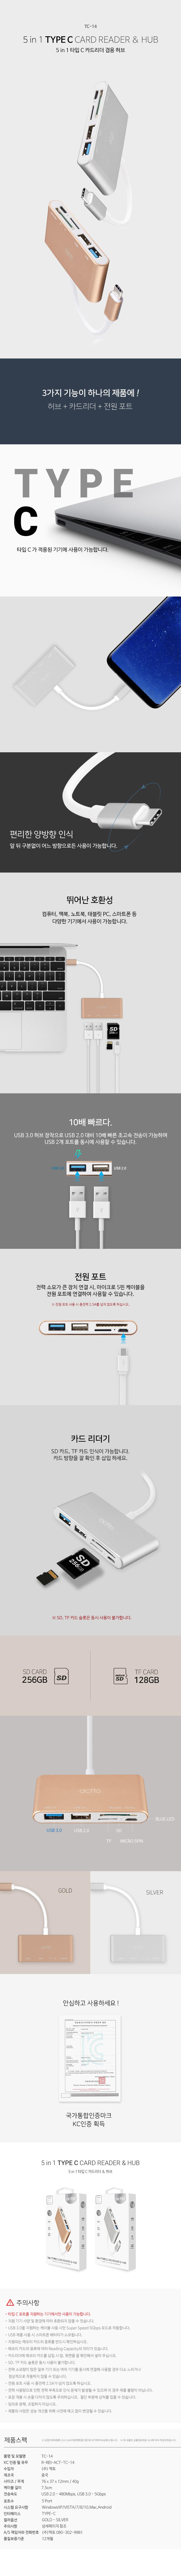 엑토 5in1 타입C 카드리더 TF/SD 겸용 허브 TC-14 - 엑토, 23,500원, USB제품, USB 메모리 카드리더기